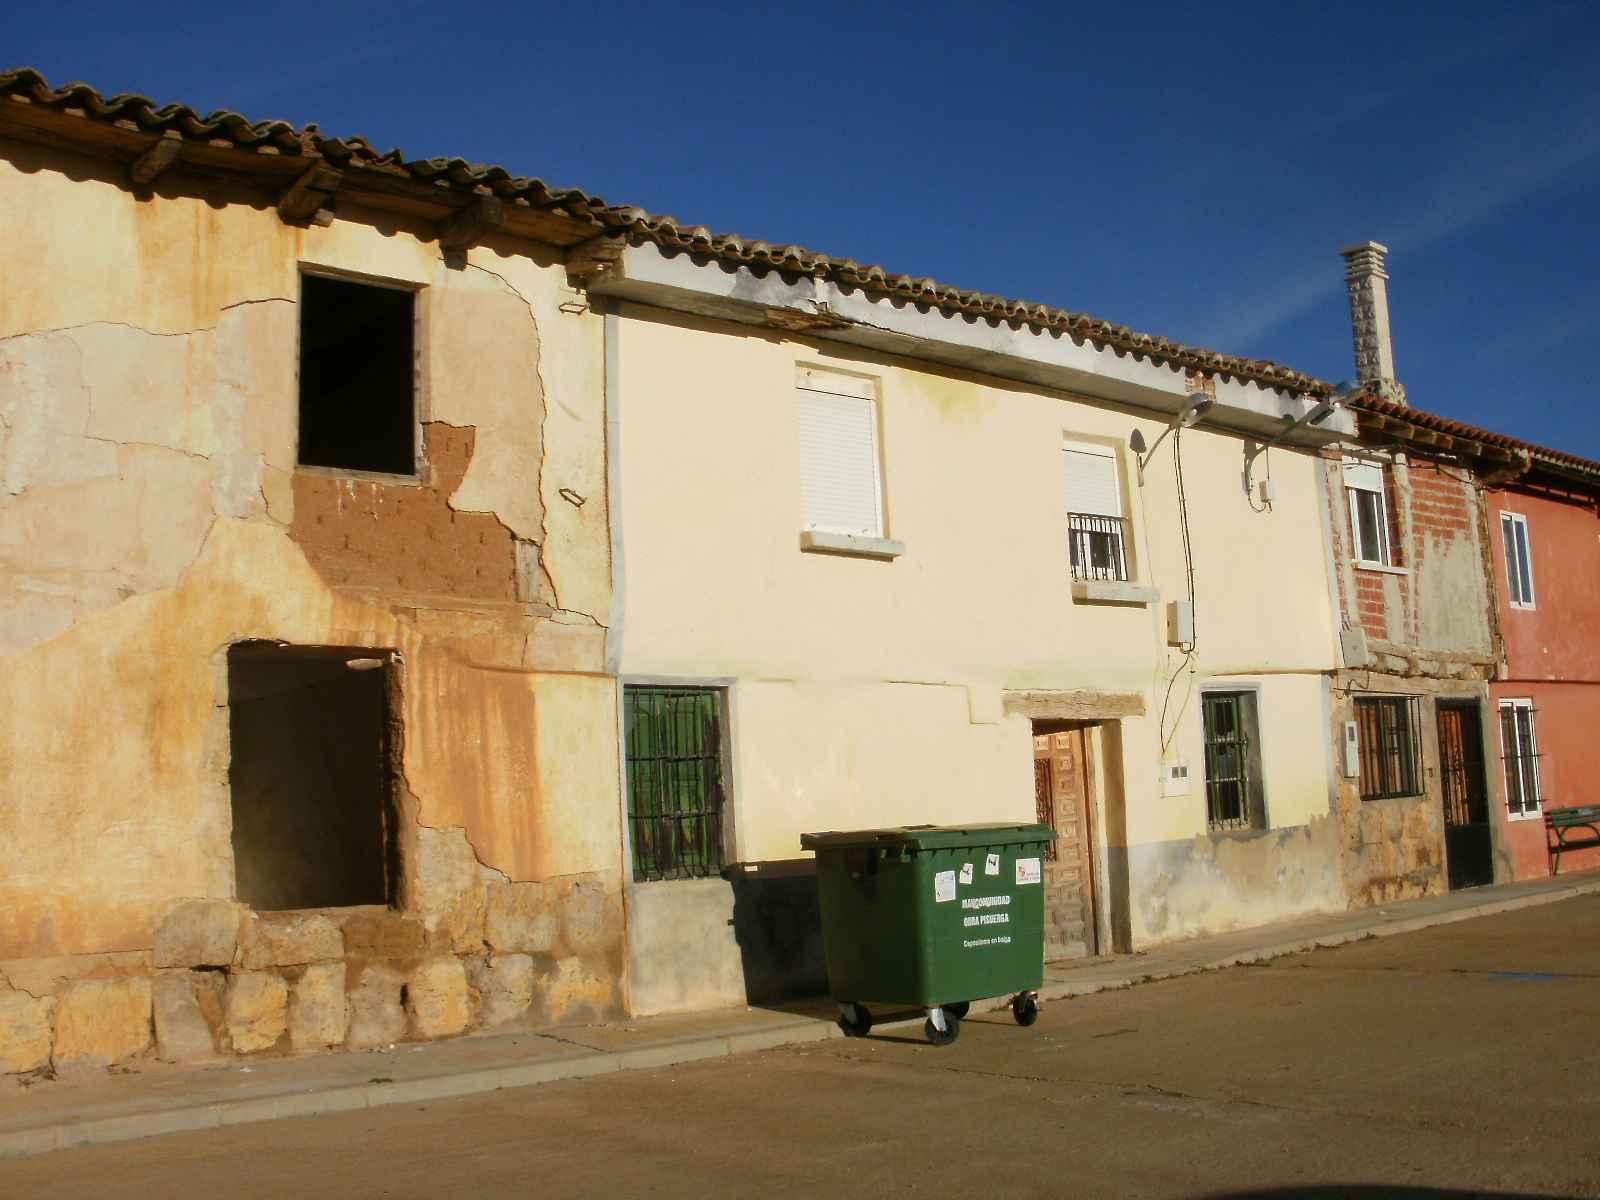 272 casas baratas en burgos provincia - Venta casas pueblo baratas ...